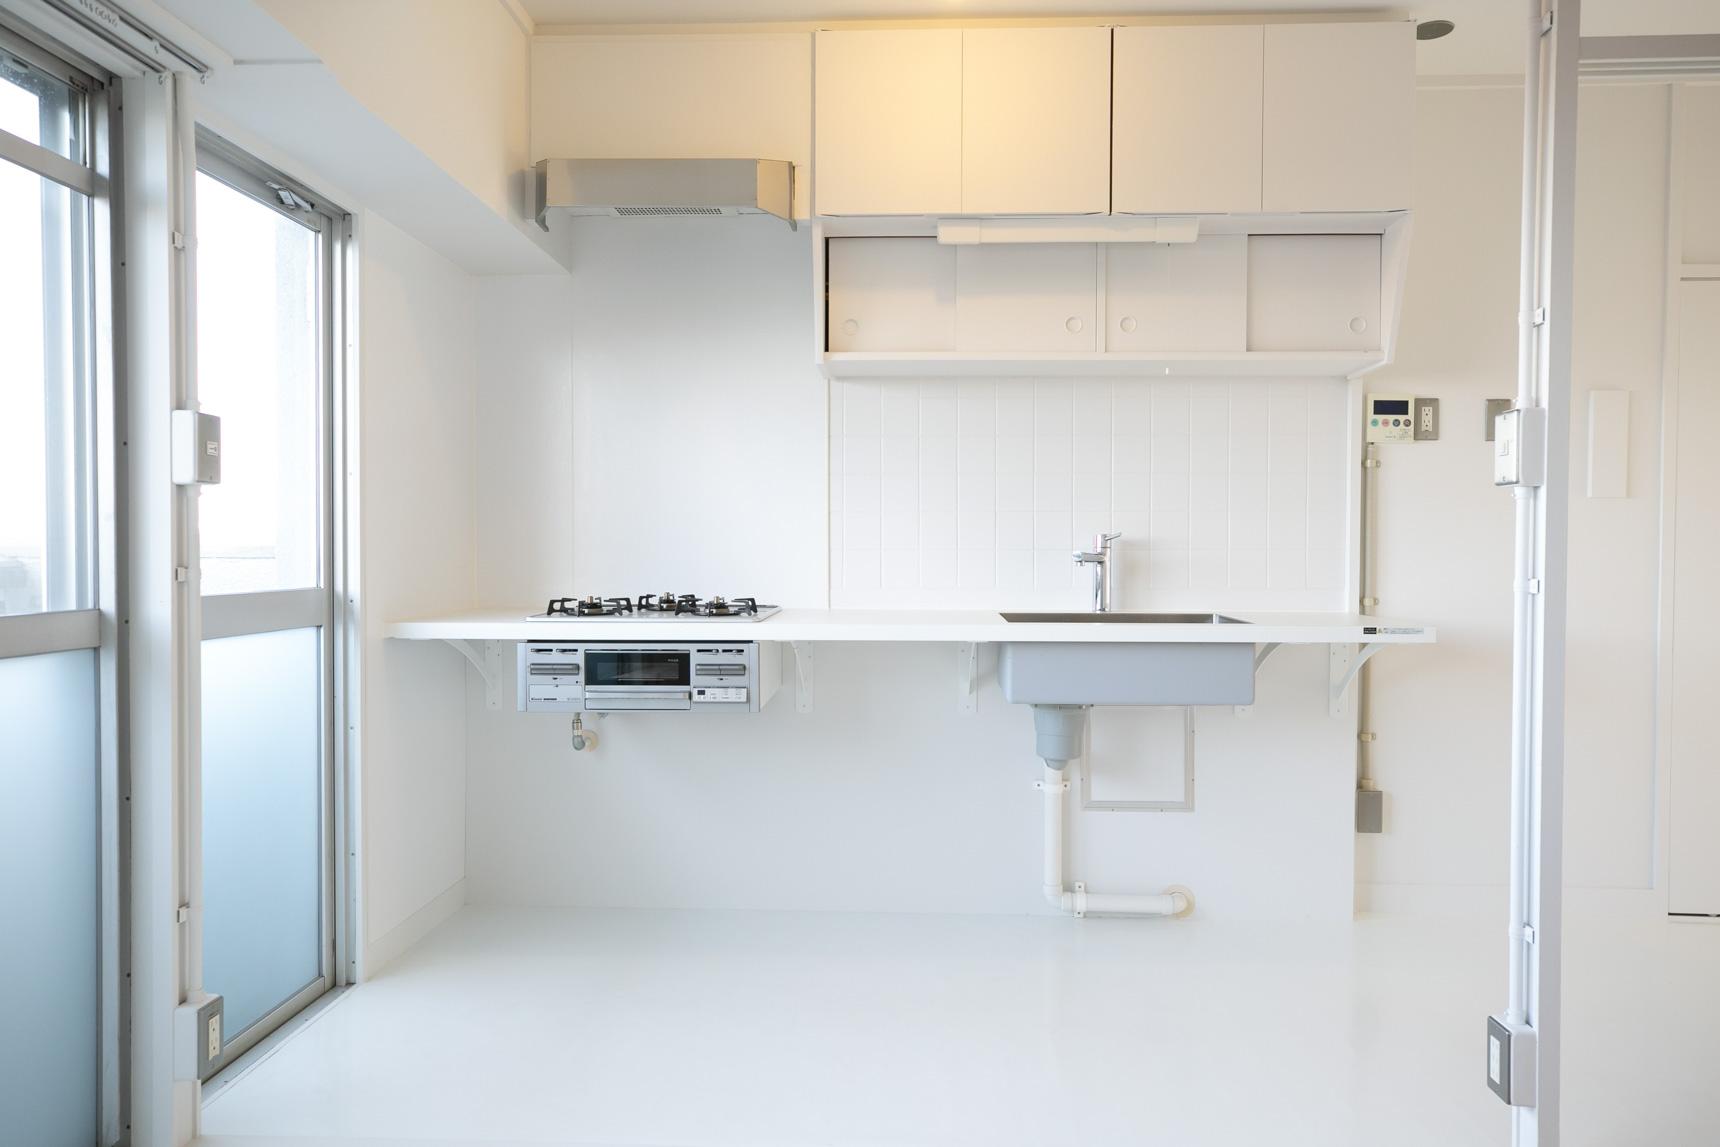 MUJI×URならでは!と言えるのが、こちらの「持ち出しキッチン」。脚のないキッチンには、自分の使い方に合わせて好きな収納棚やボックス、ゴミ箱などを自由に組み合わせておくことができます。